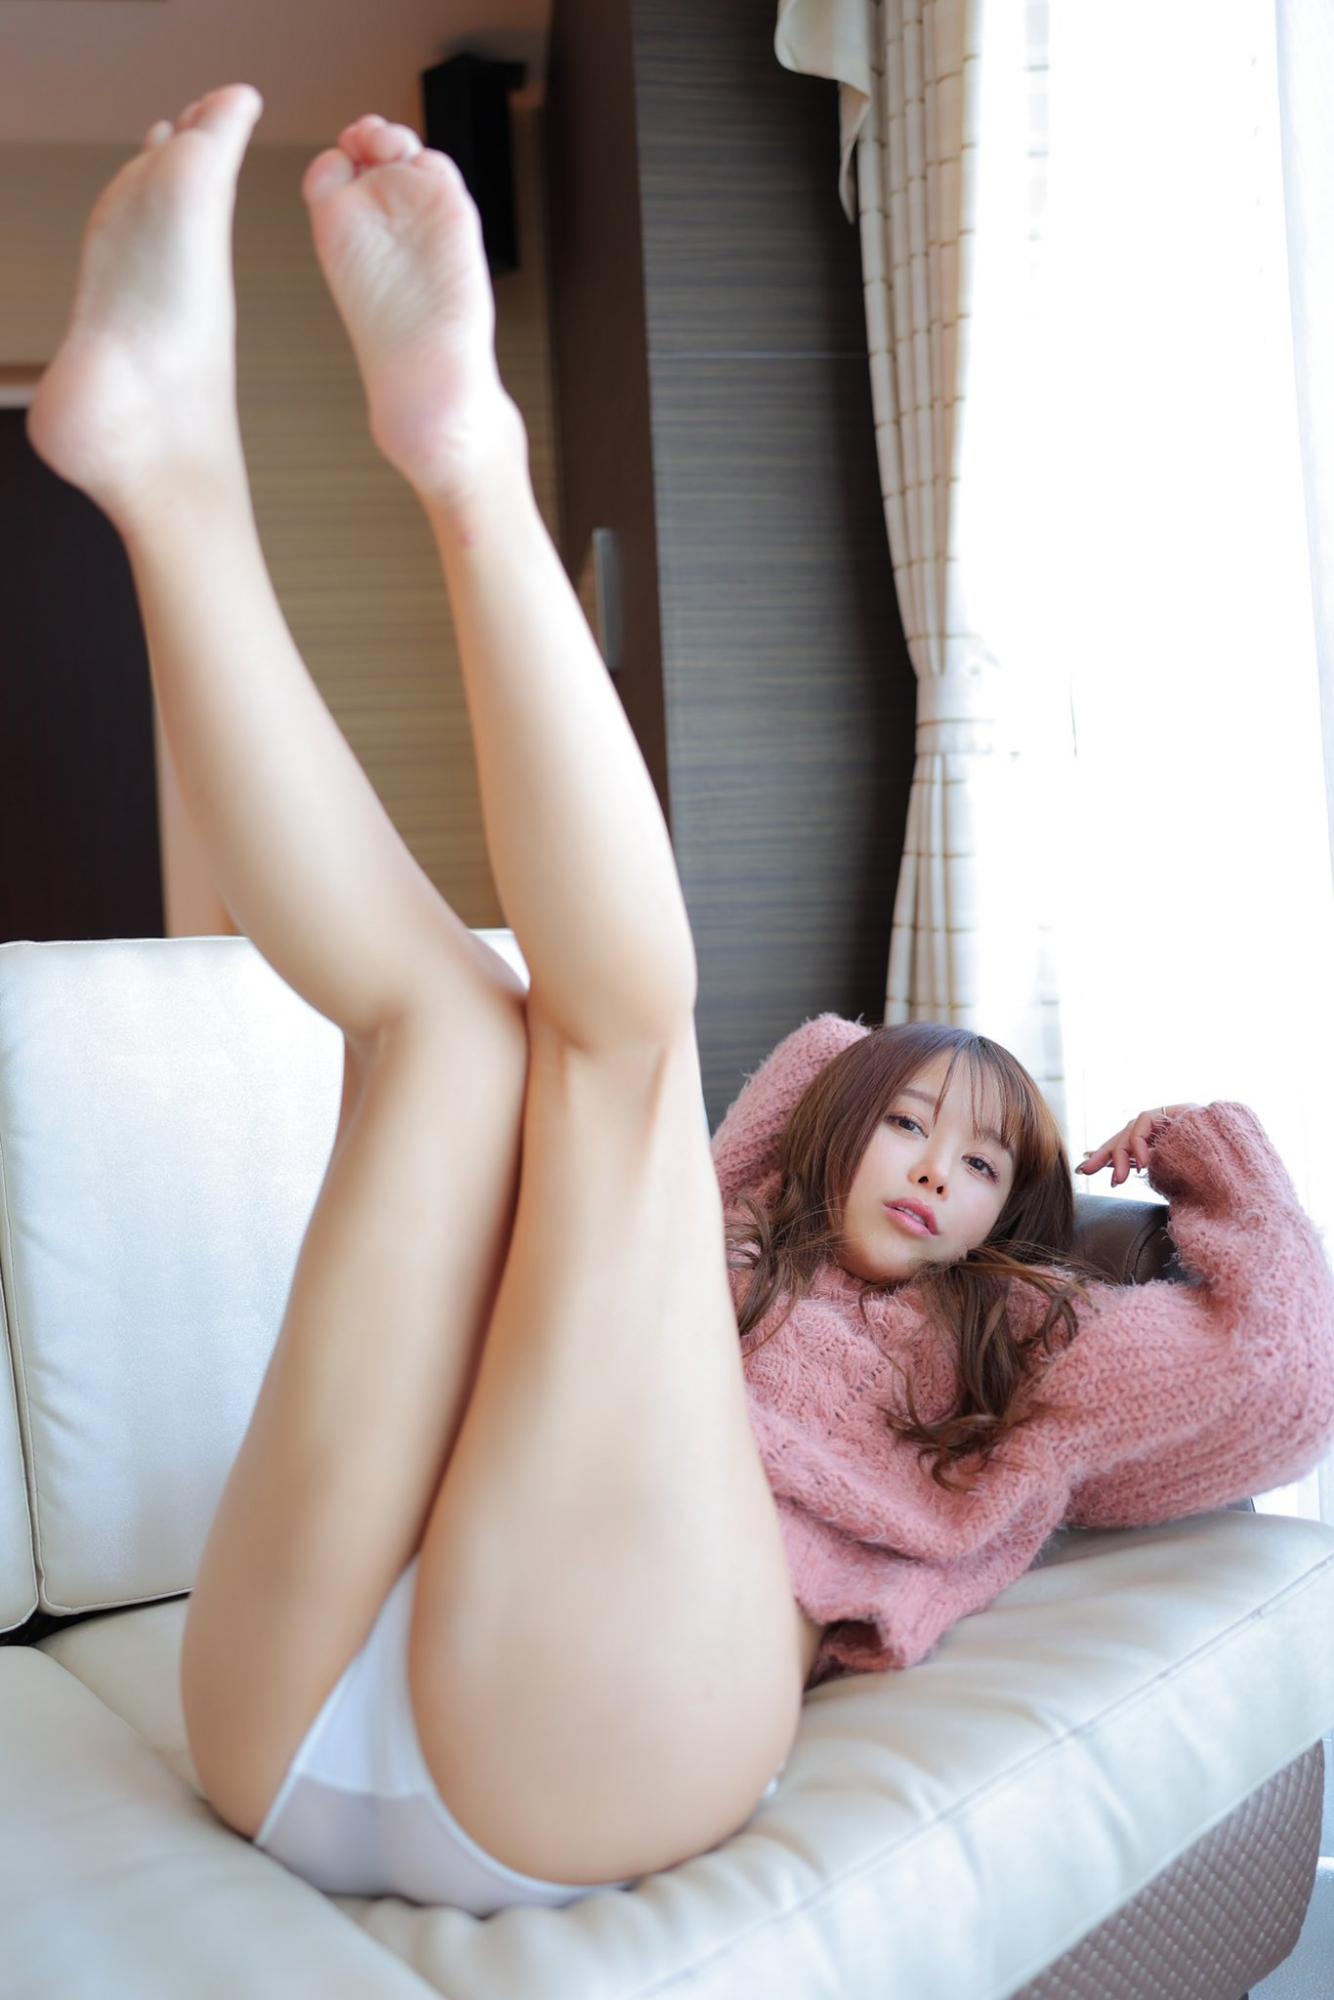 电眼美女《いくみ》首次上空露酥胸焦点意外在细腰长腿